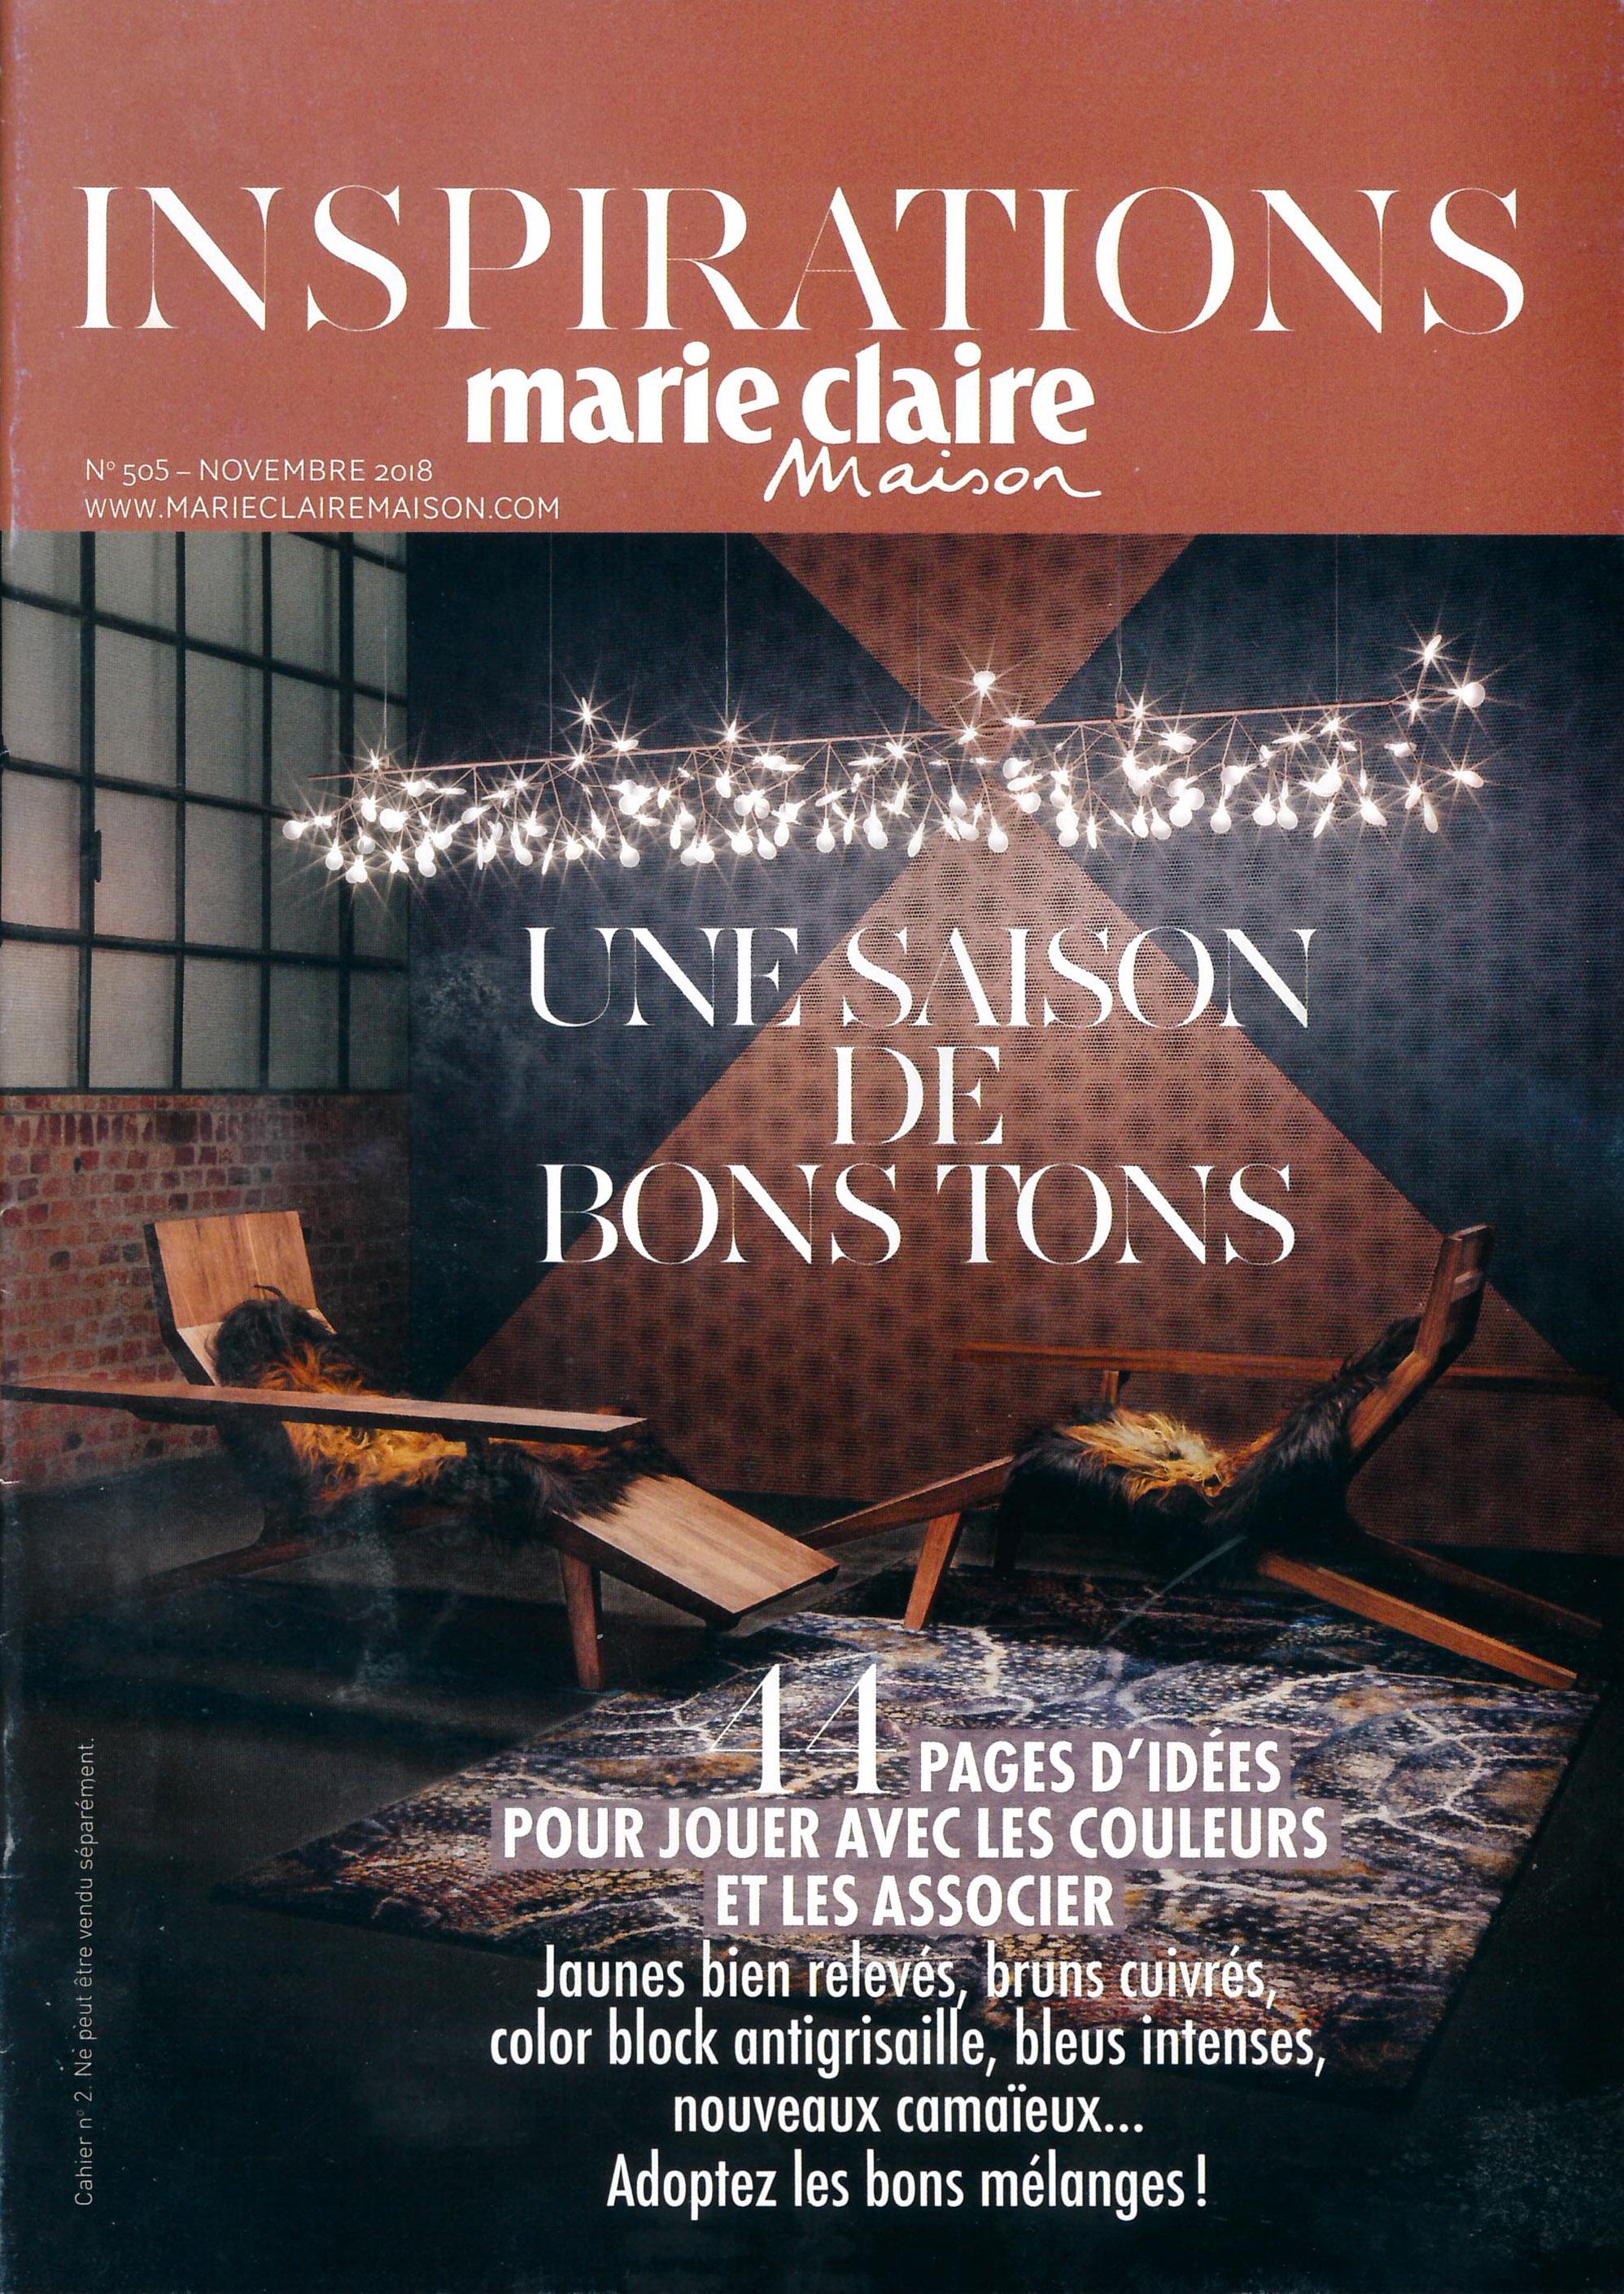 2018_11@MARIE CLAIRE MAISON INSPIRATIONS_COUVERTURE 2.jpg